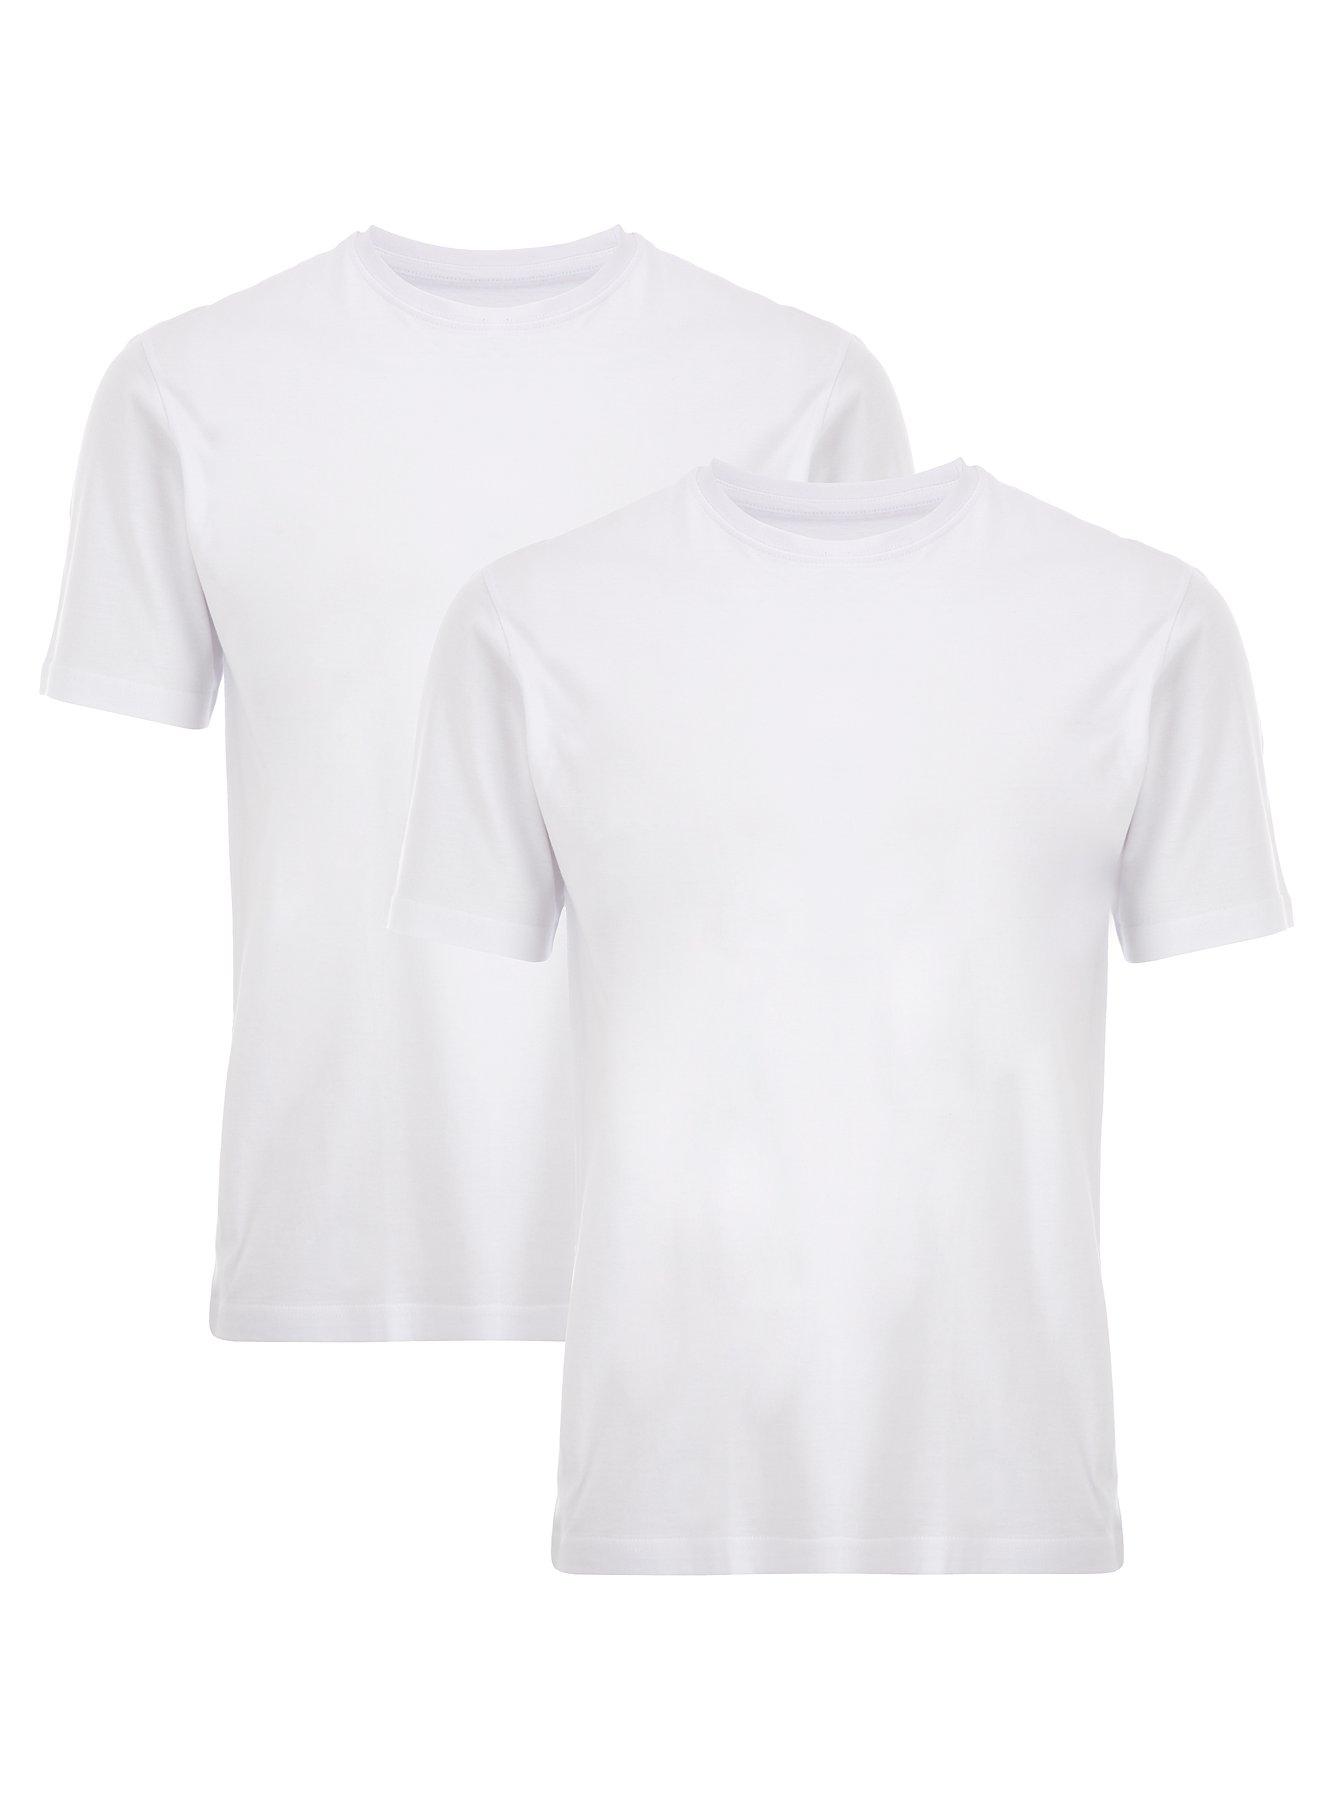 Black t shirt asda - Black T Shirt Asda 12